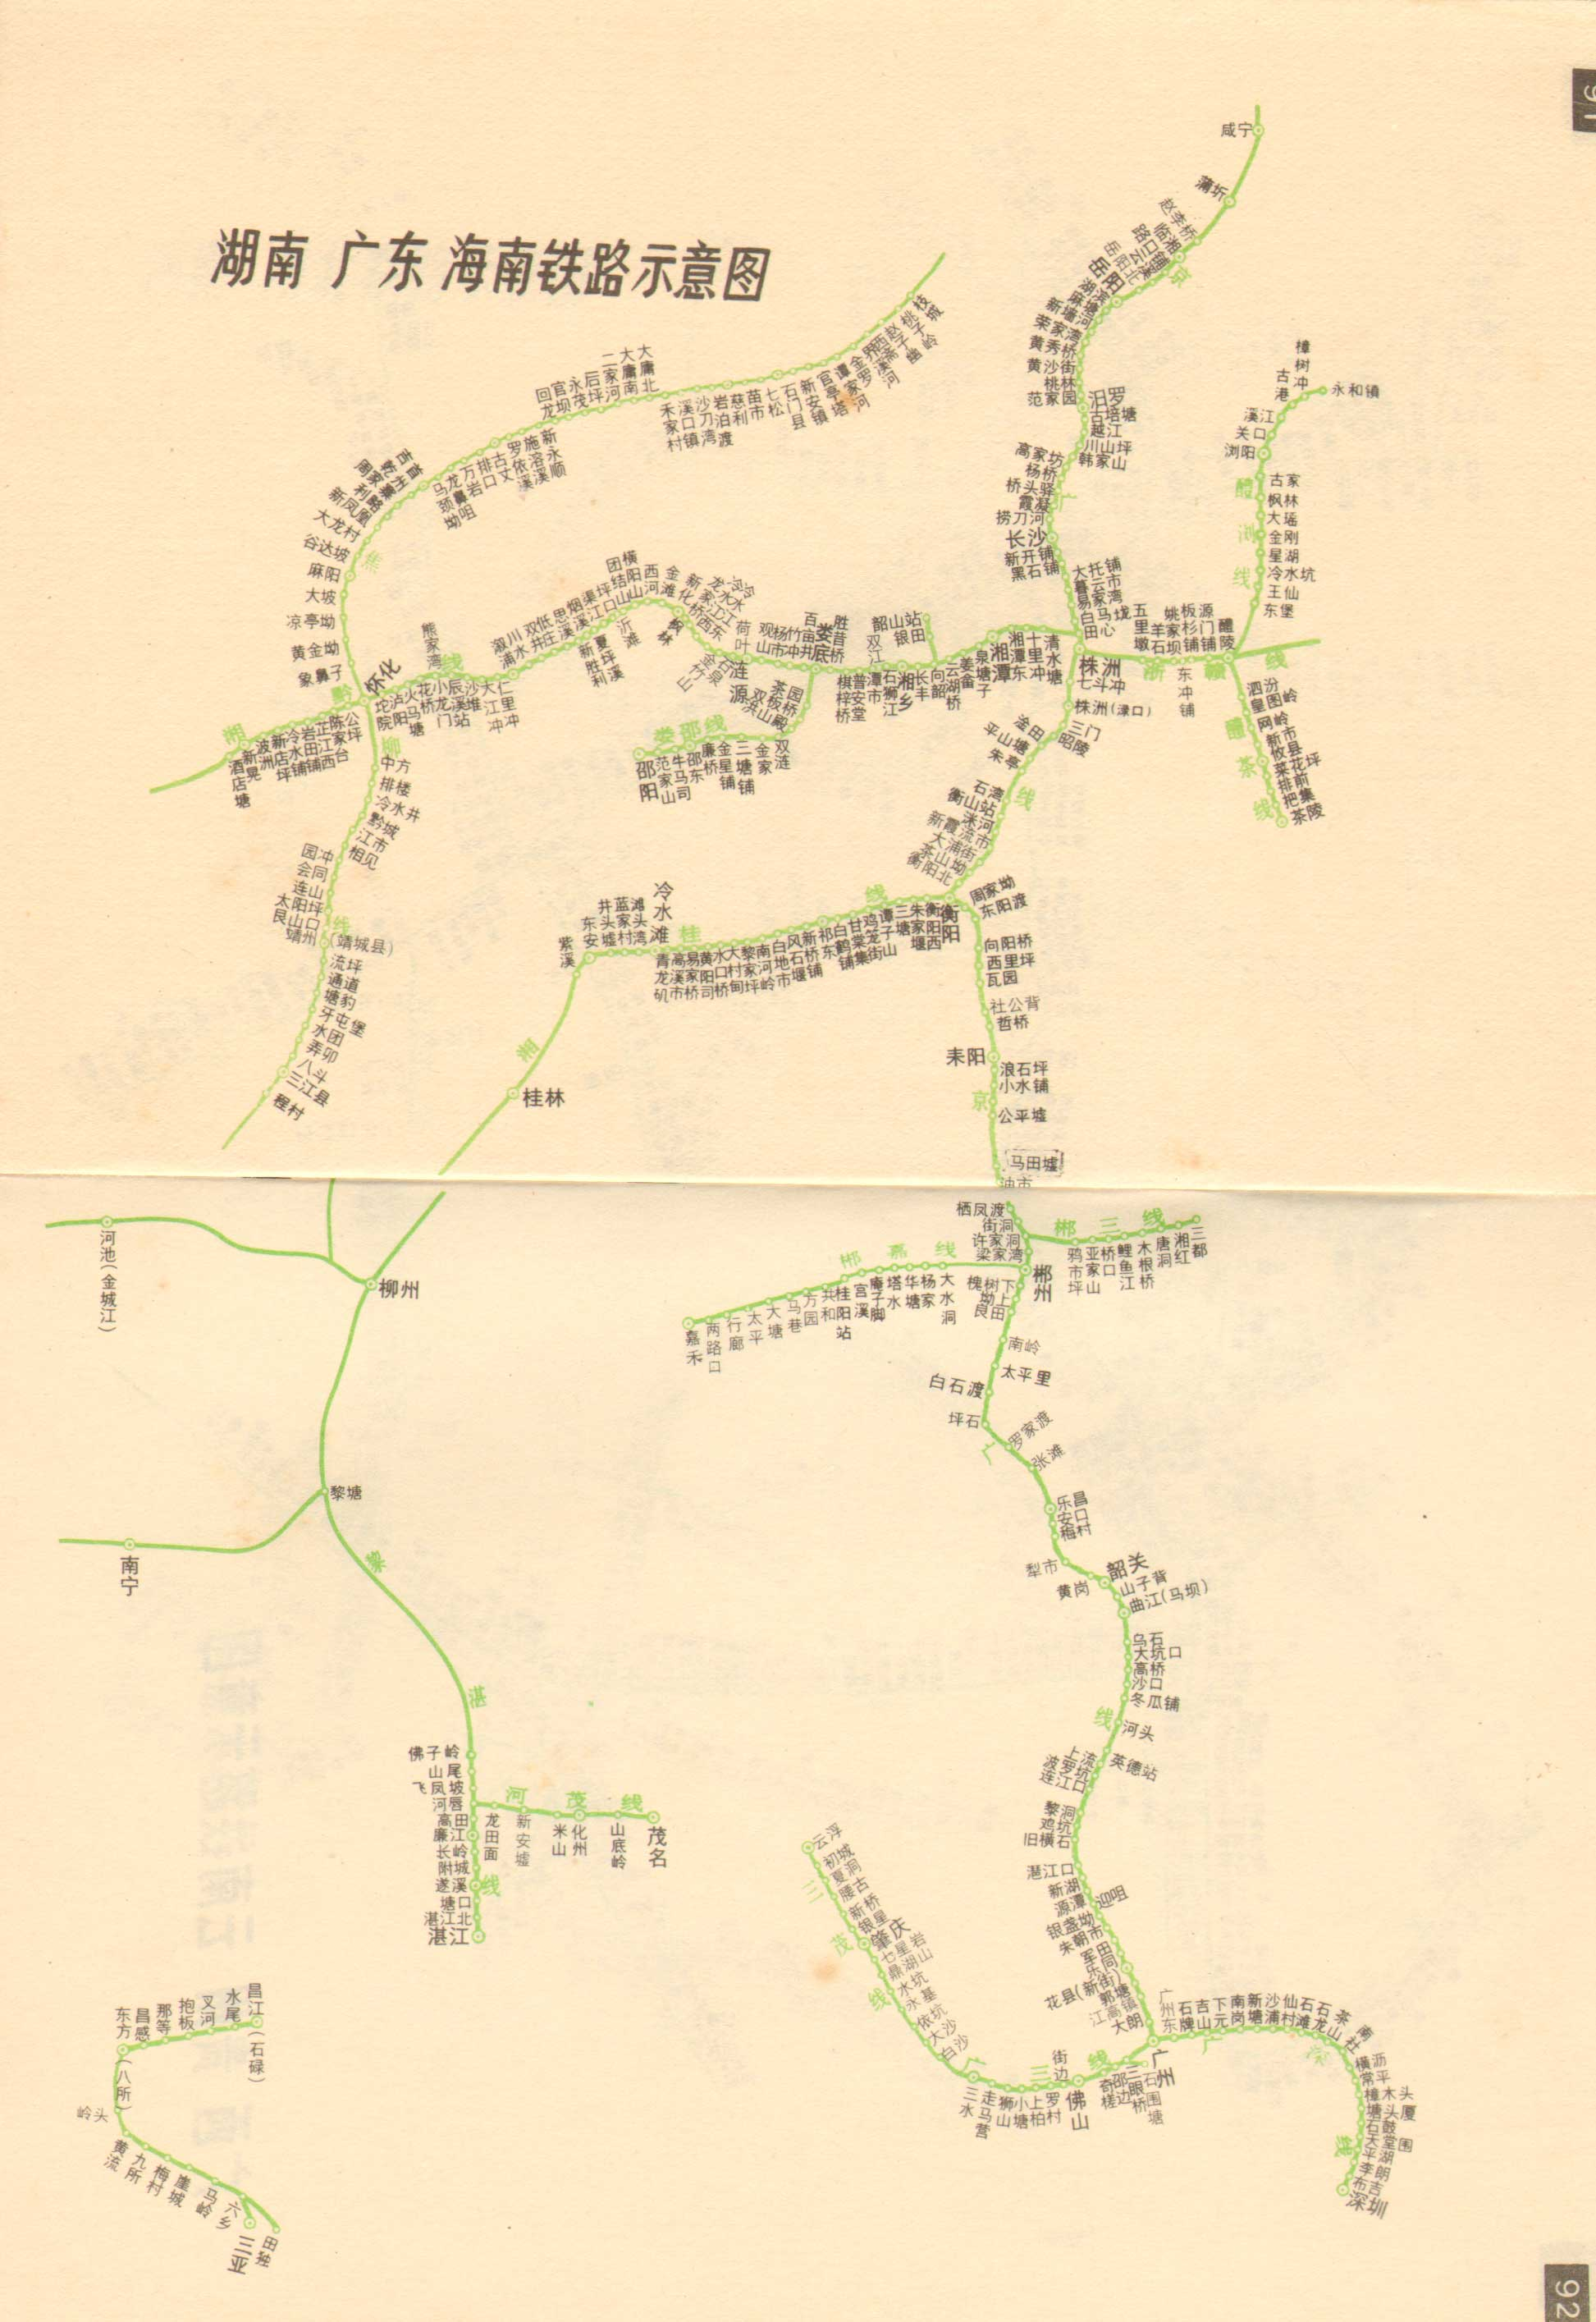 湖南广东海南铁路线路图